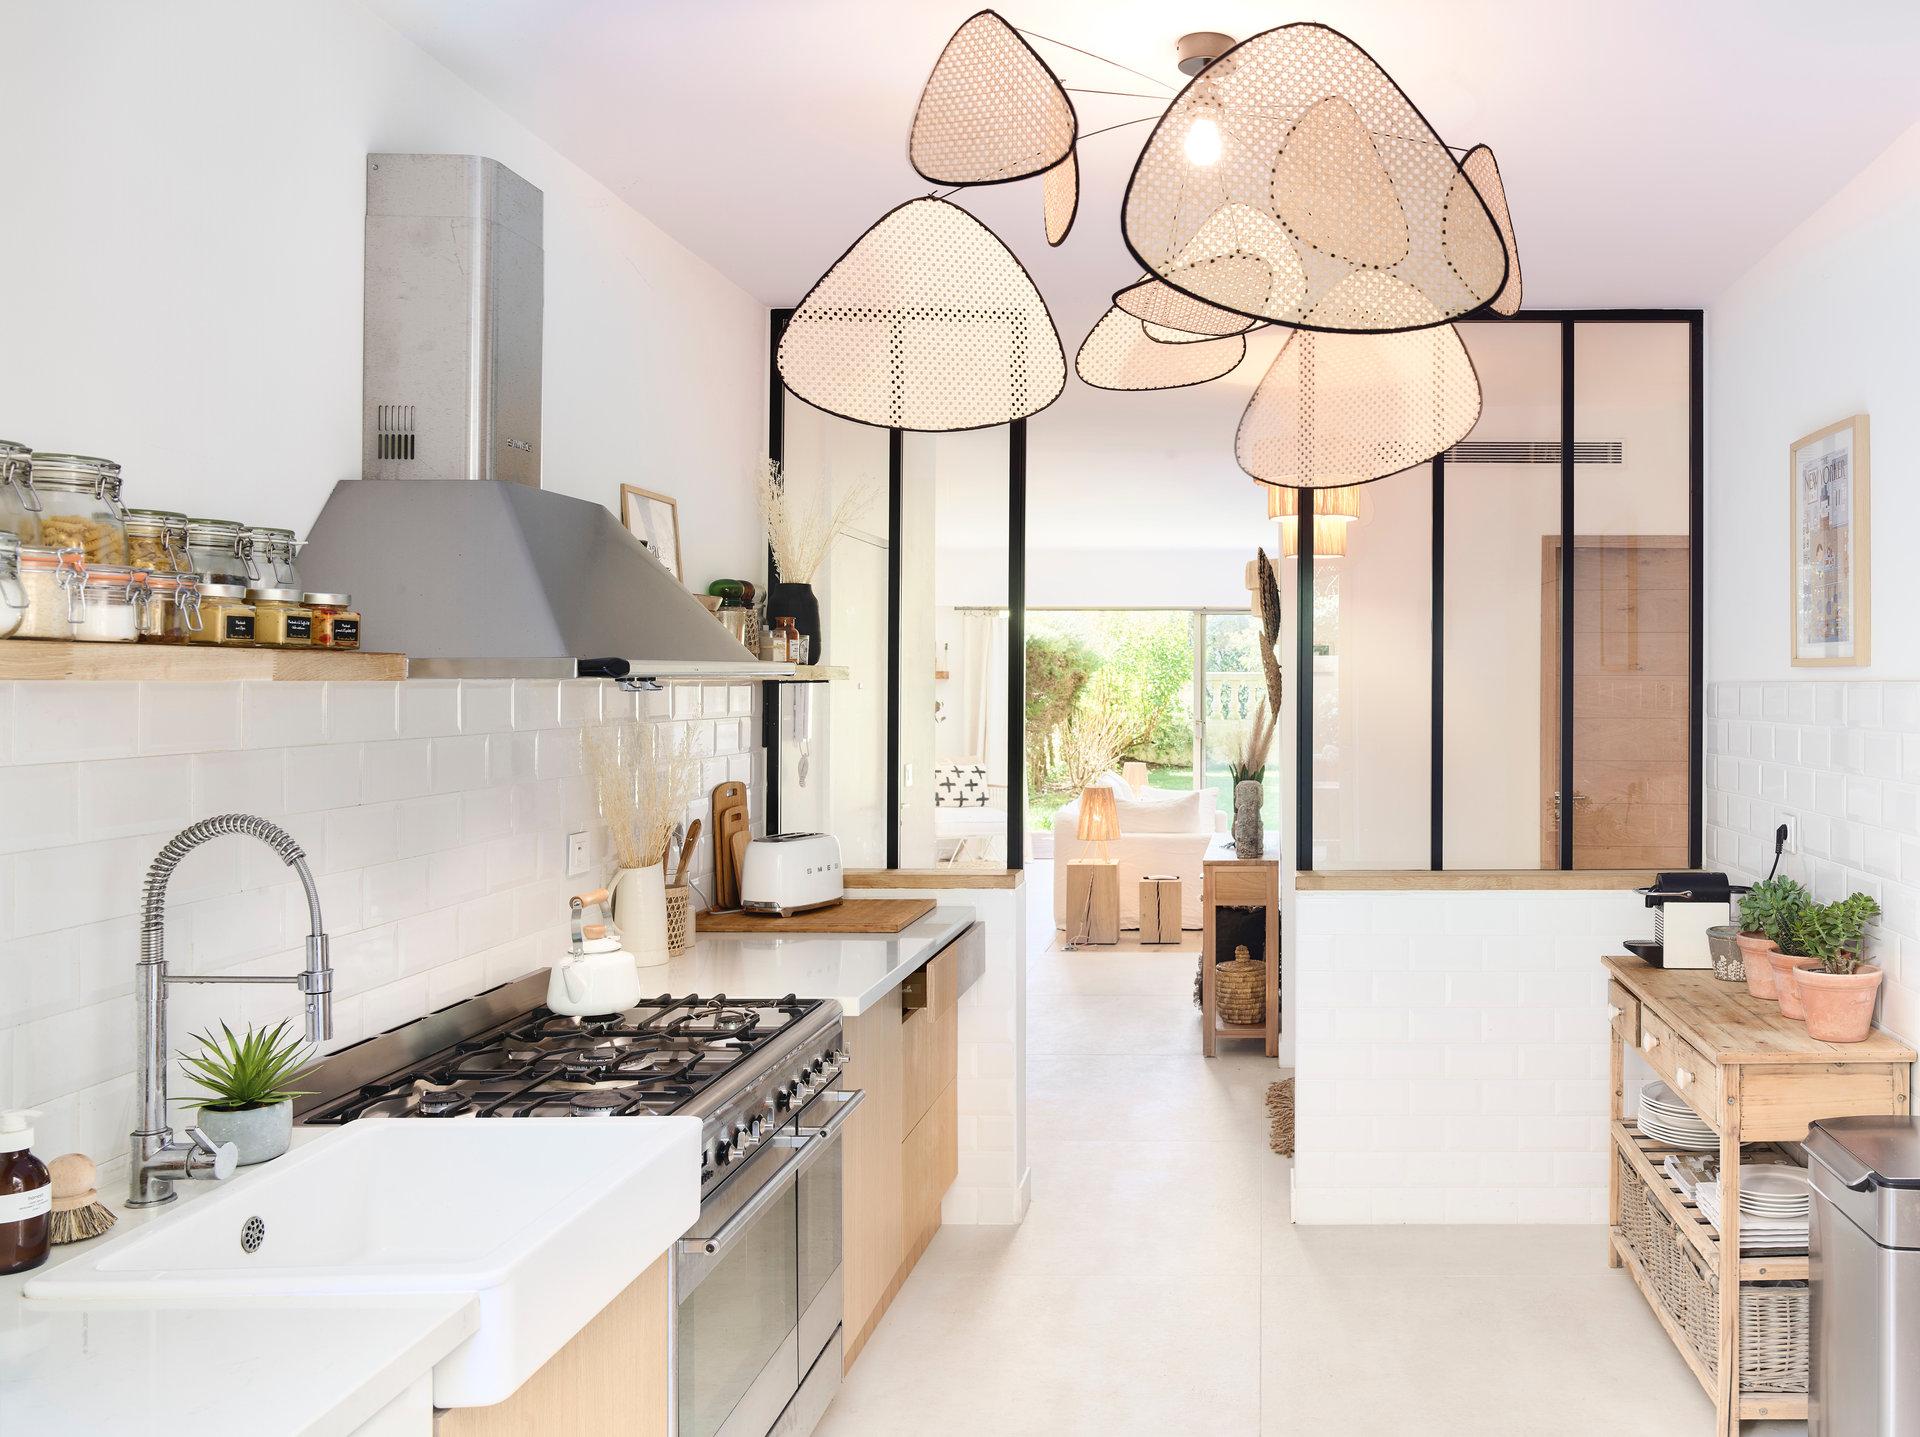 CO- EXCLUSIVITE - Cannes Montrose - 3P 88 m² entièrement rénové ouvrant sur 245 m² de jardin avec garage